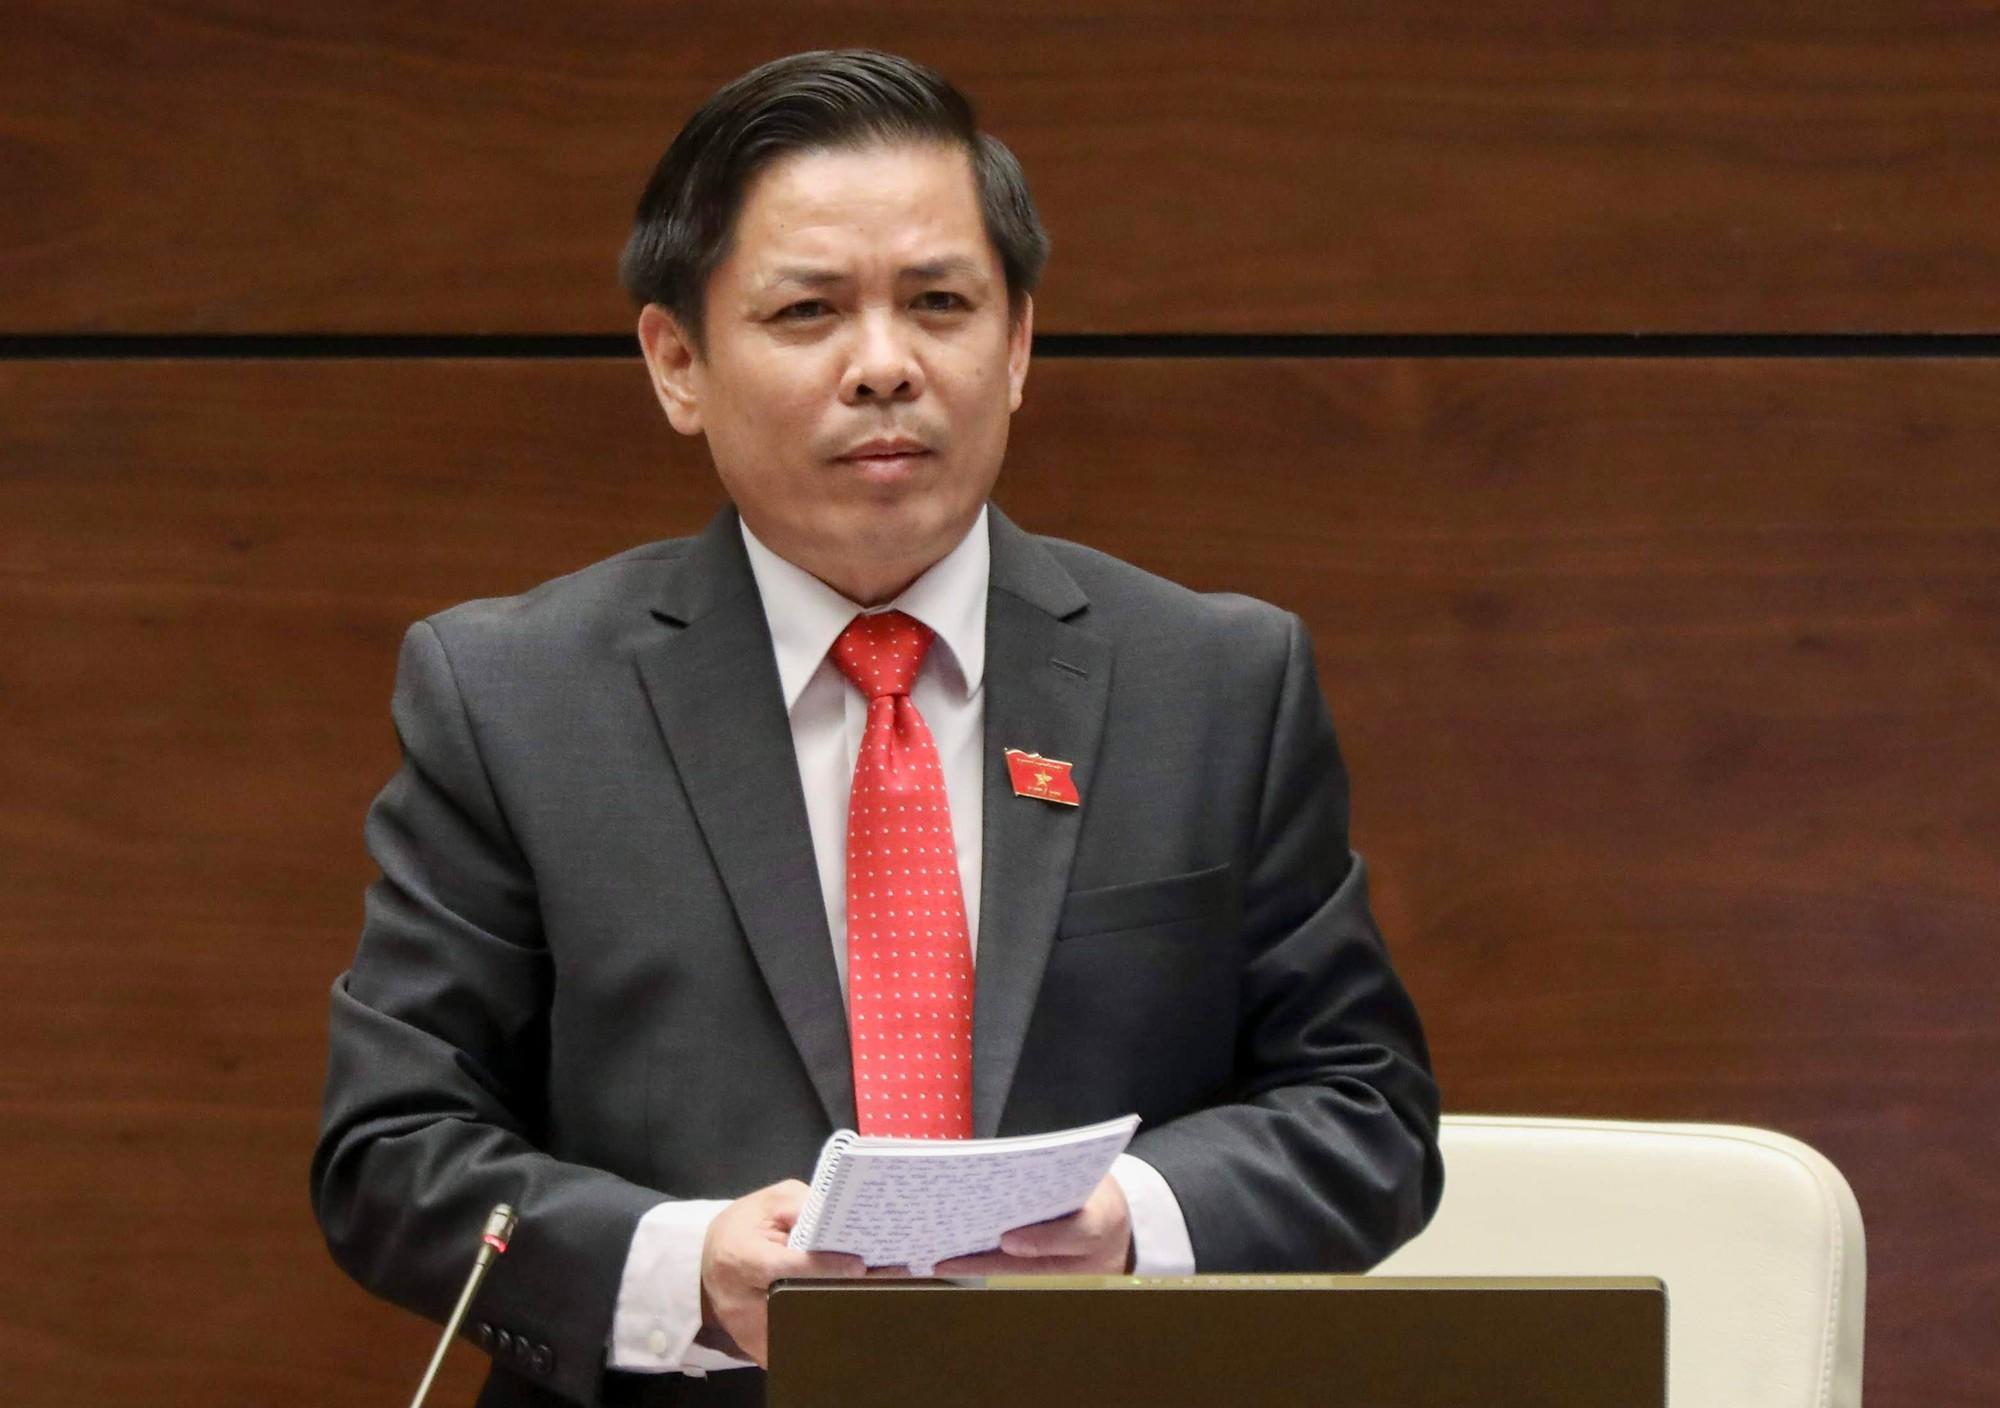 Chất vấn bộ trưởng Giao thông, Chủ tịch Quốc hội nói cứ trạm thu phí mà gọi - Ảnh 1.